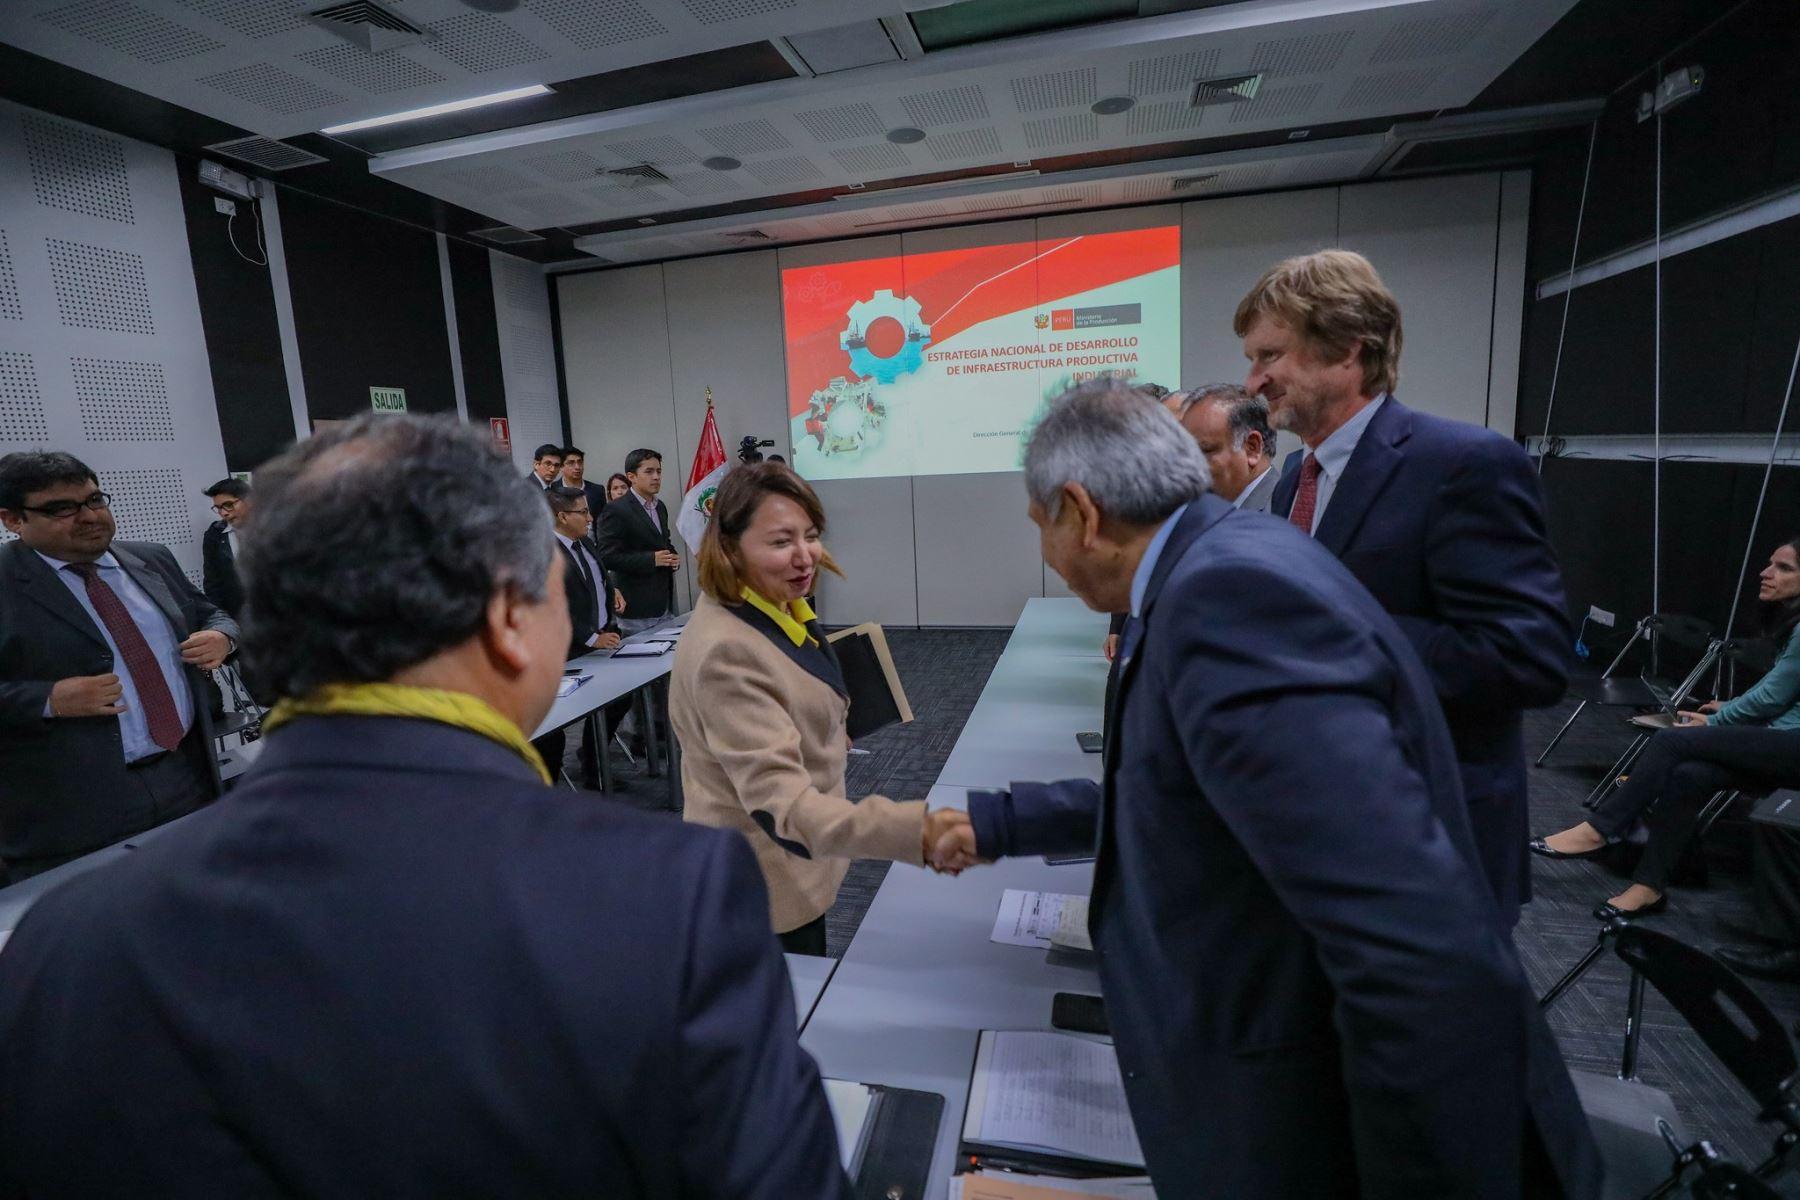 Ministra de la Producción, Rocío Barrios, en reunión con representantes de industriales y gremios empresariales. Foto: Cortesía.